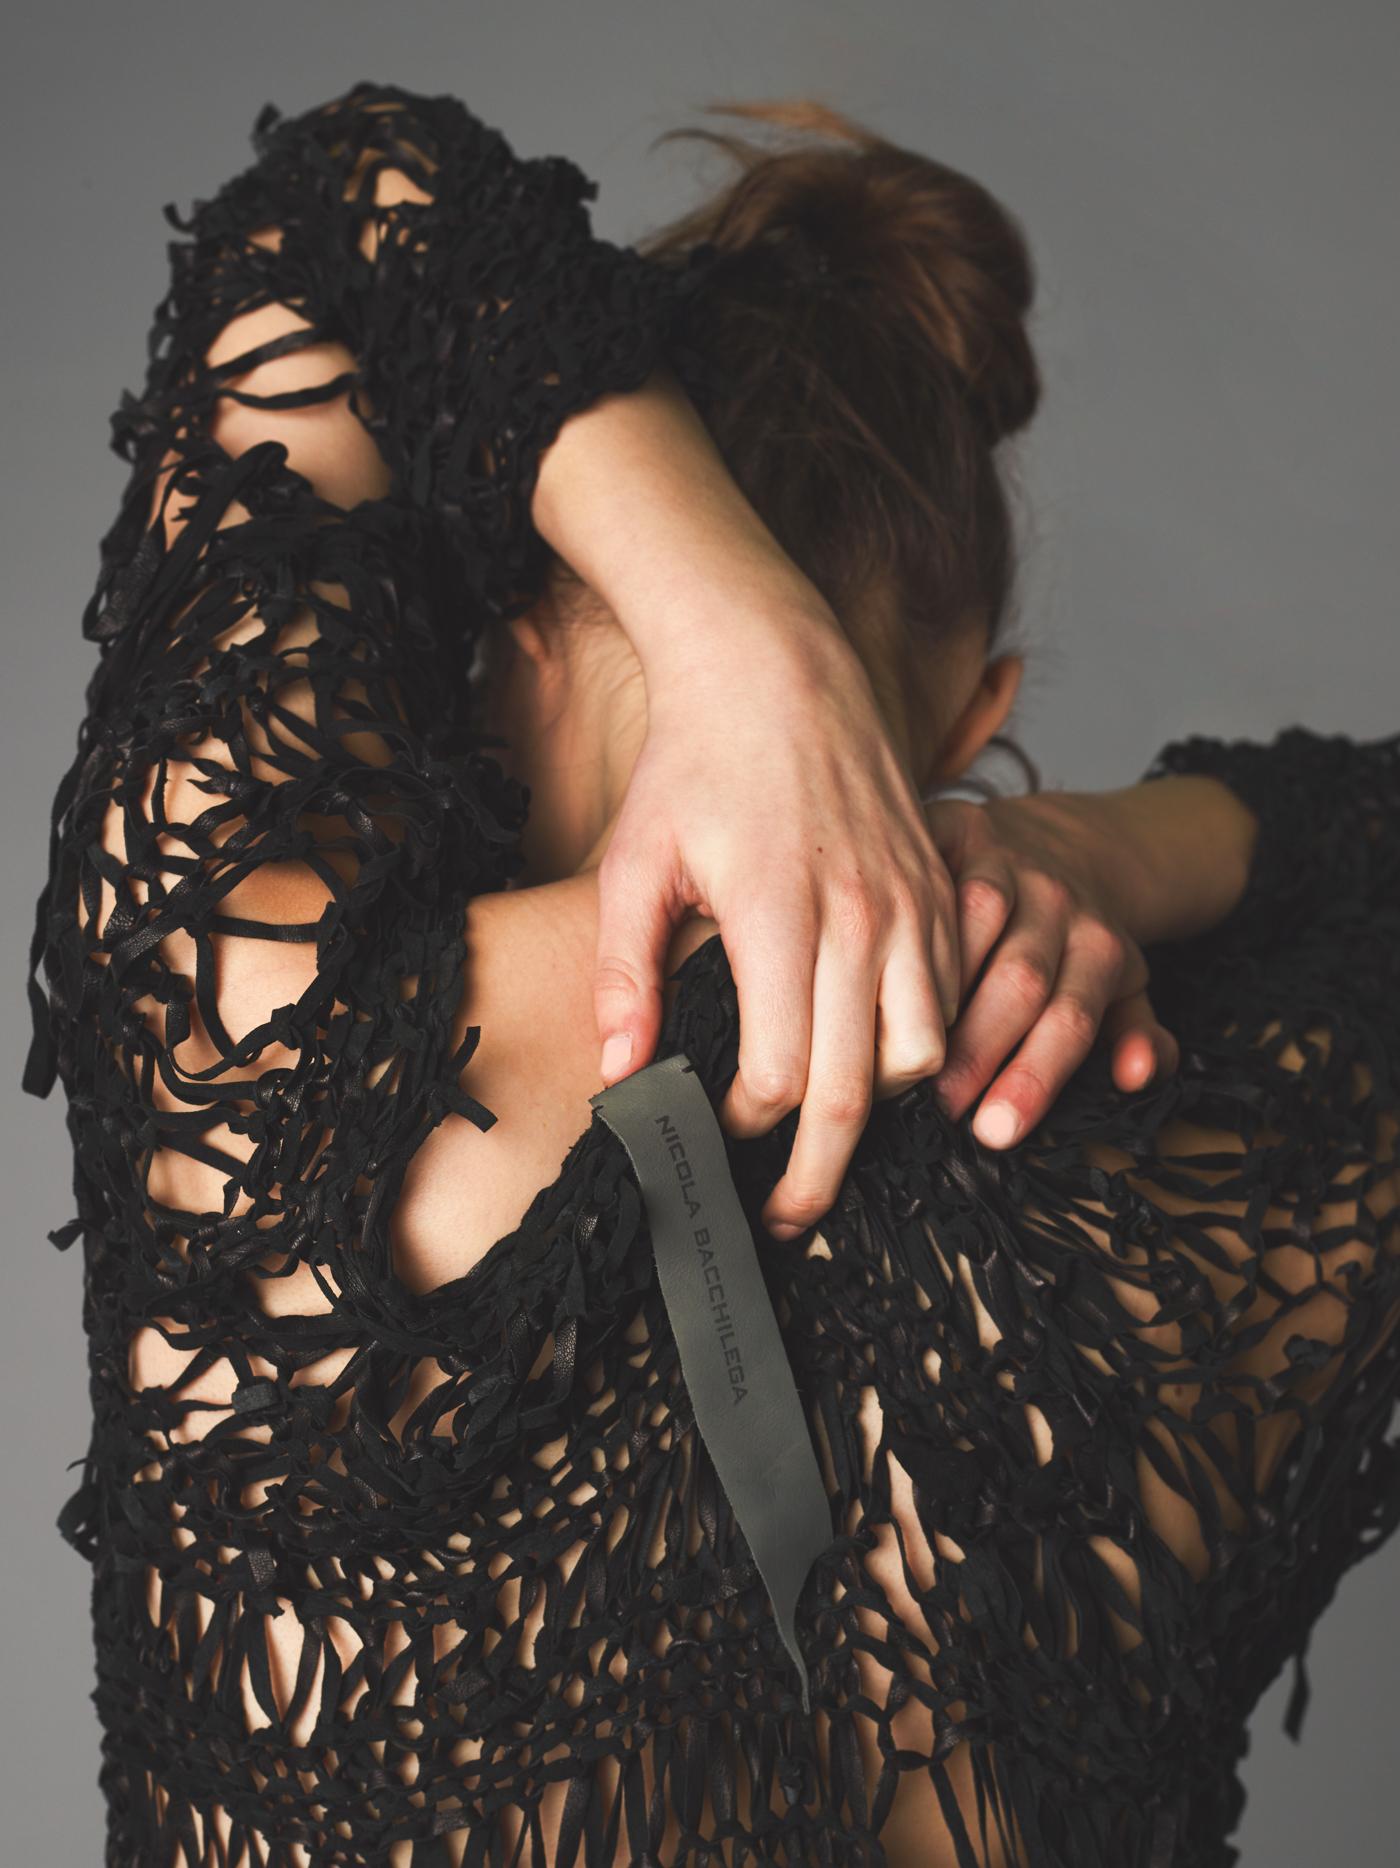 Sophia_Weston_Hunger_TV-10.jpg